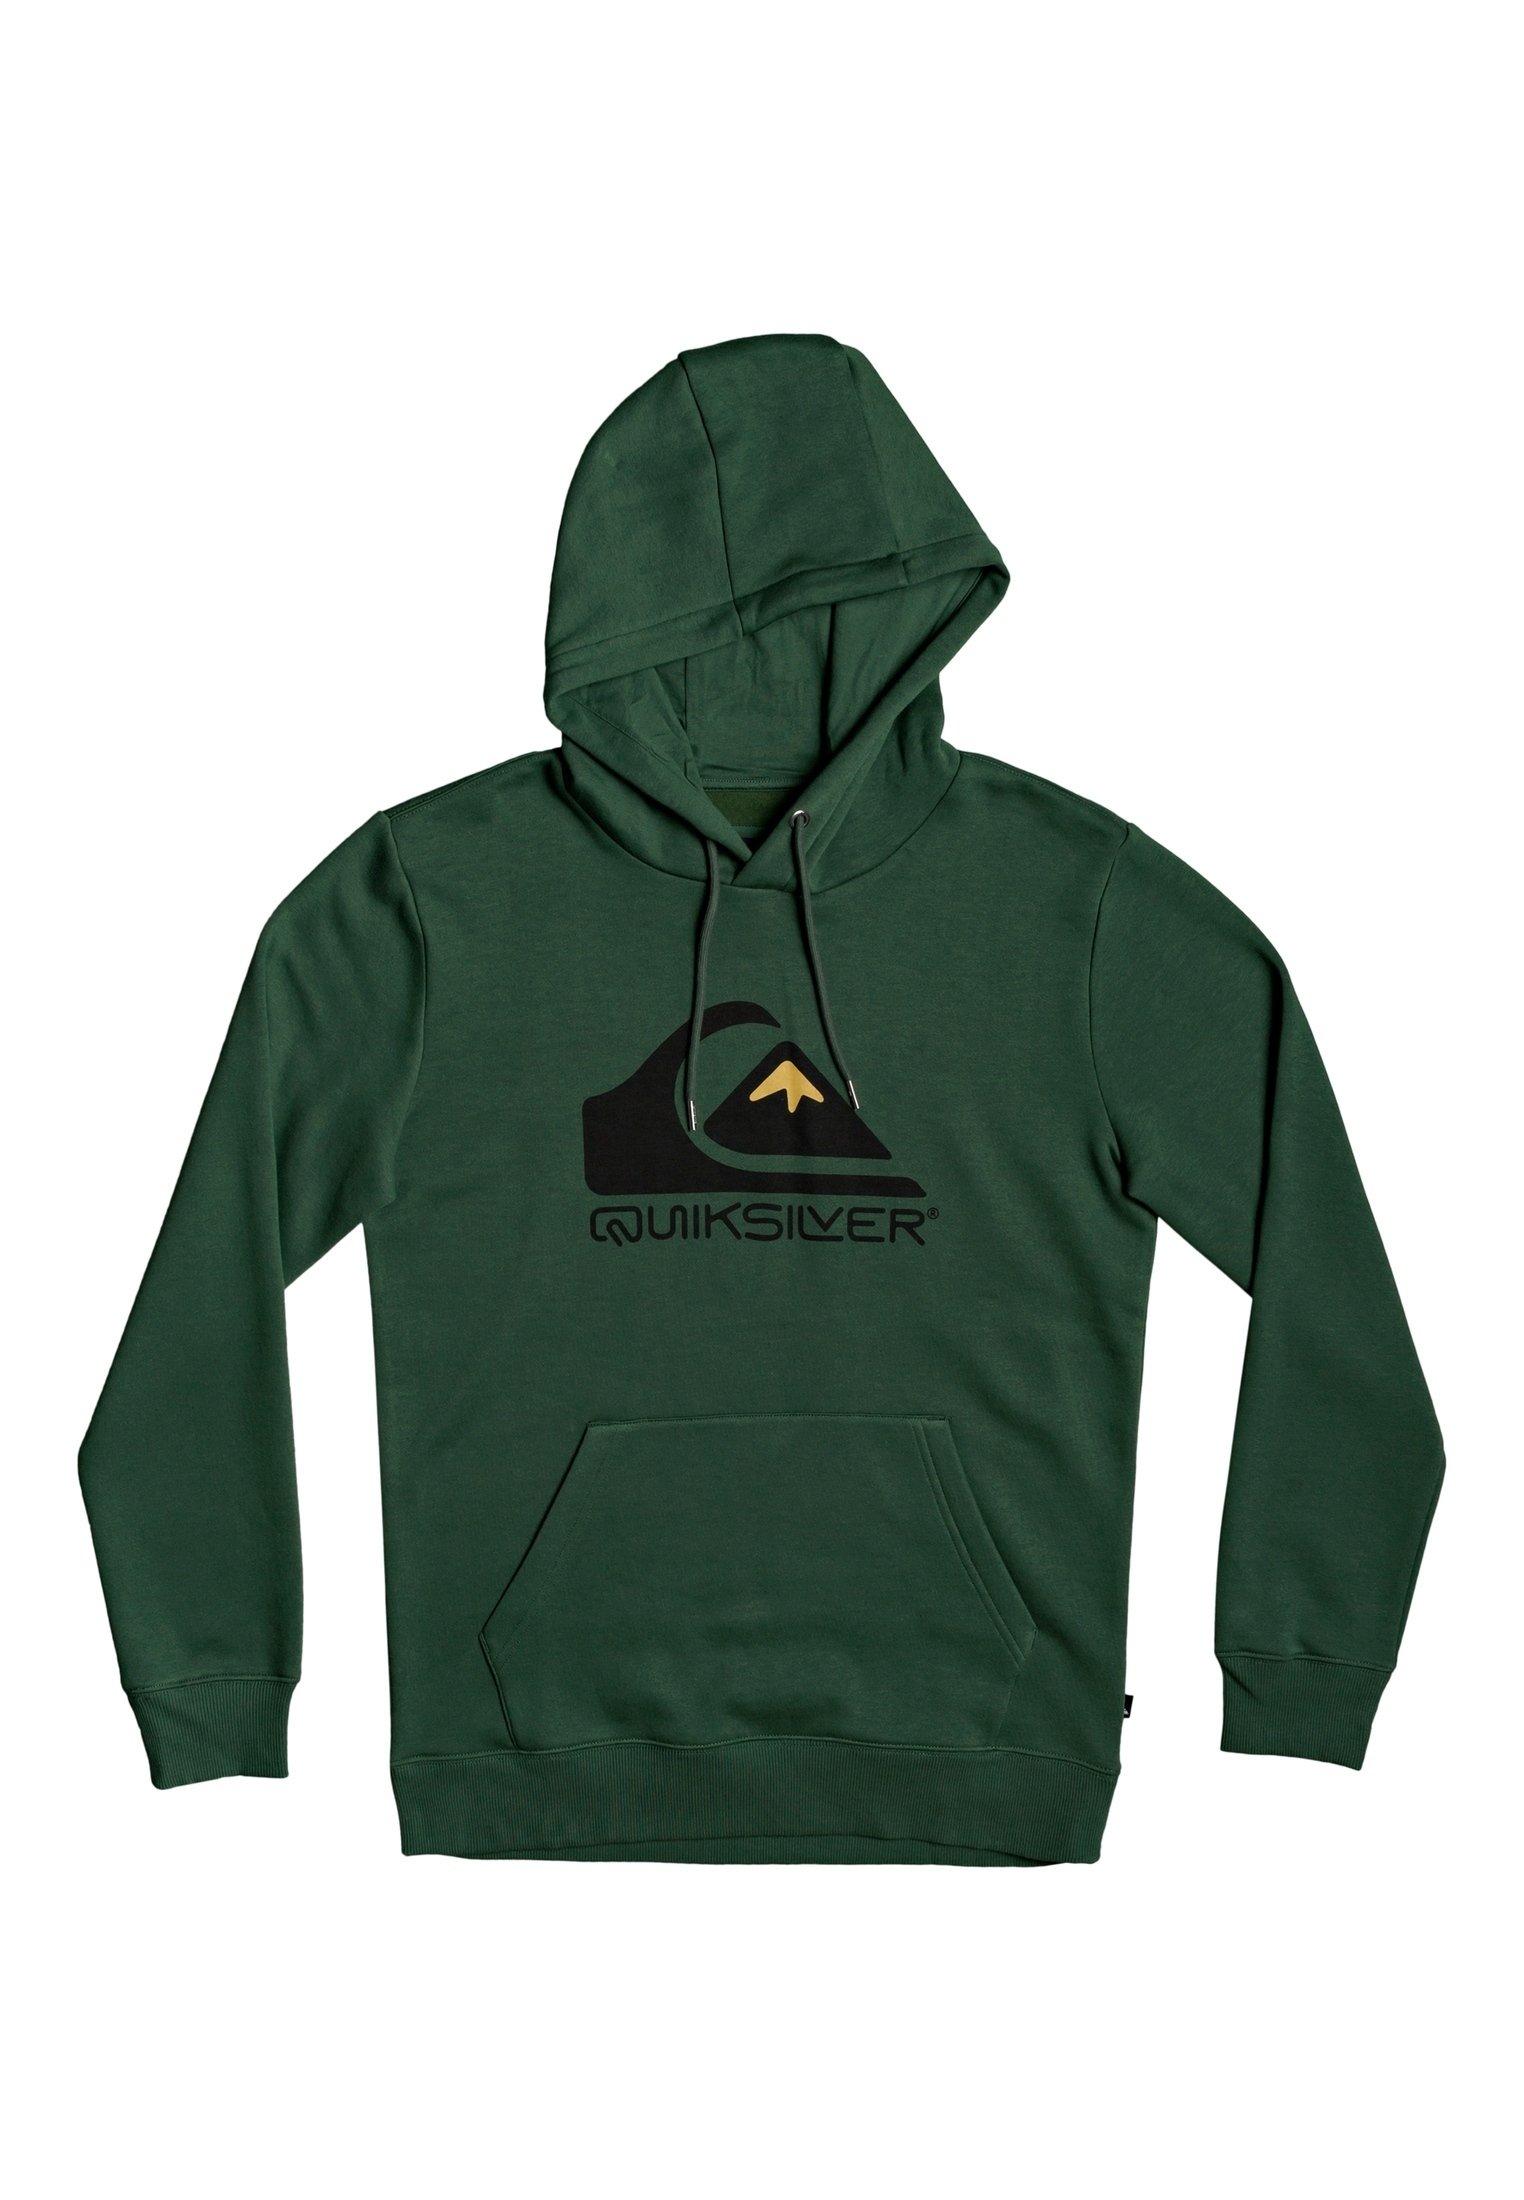 Quiksilver Everyday Active Hoodie Herren grün im Online Shop